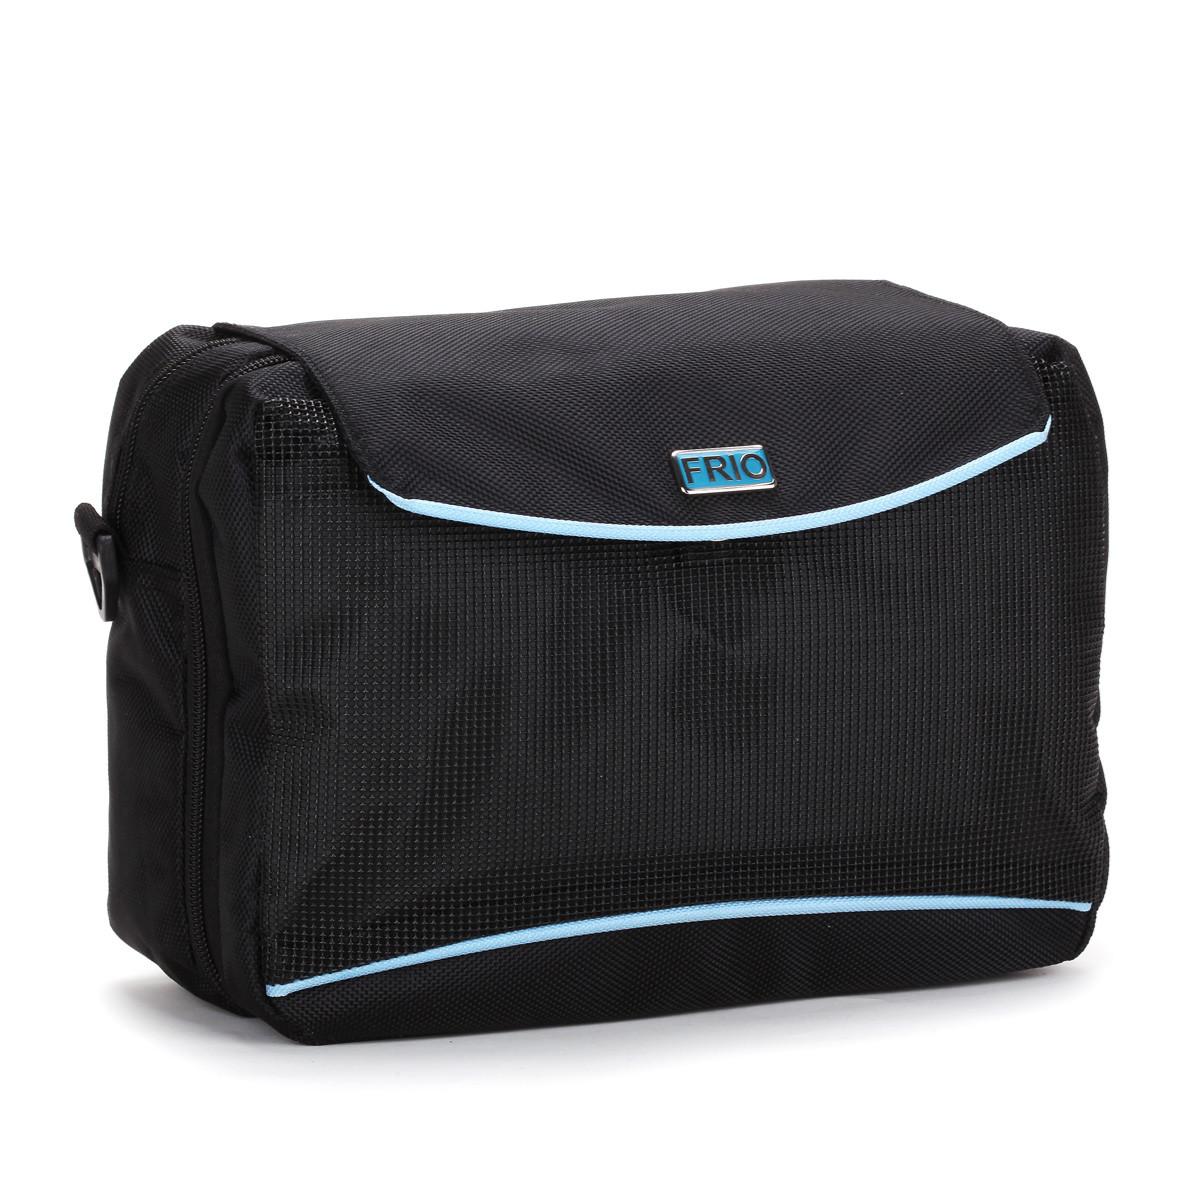 3e85ea71975 Medicintaske   Køb smart taske til medicin i høj kvalitet